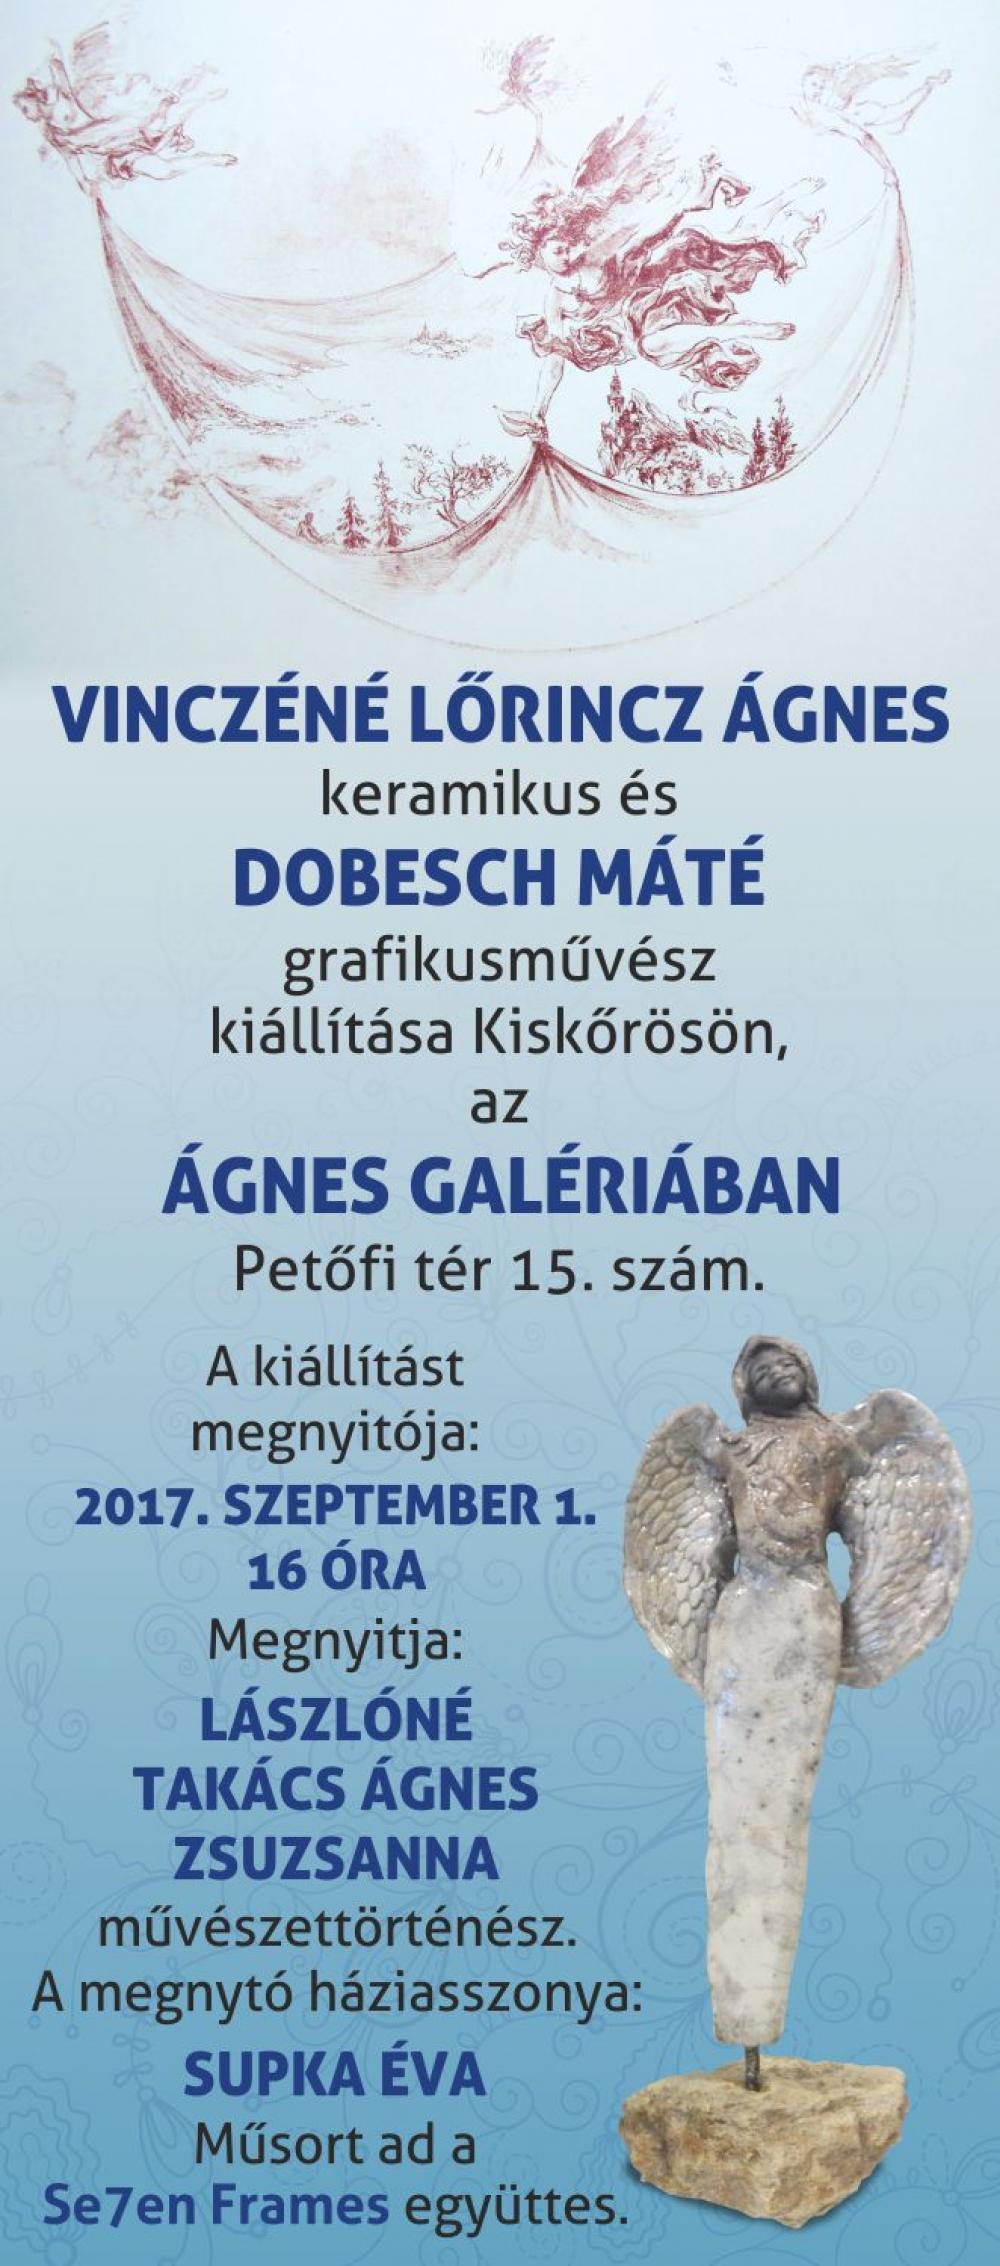 Vinczéné Lőrincz Ágnes keramikus és Dobesch Máté grafikusművész kiállítása